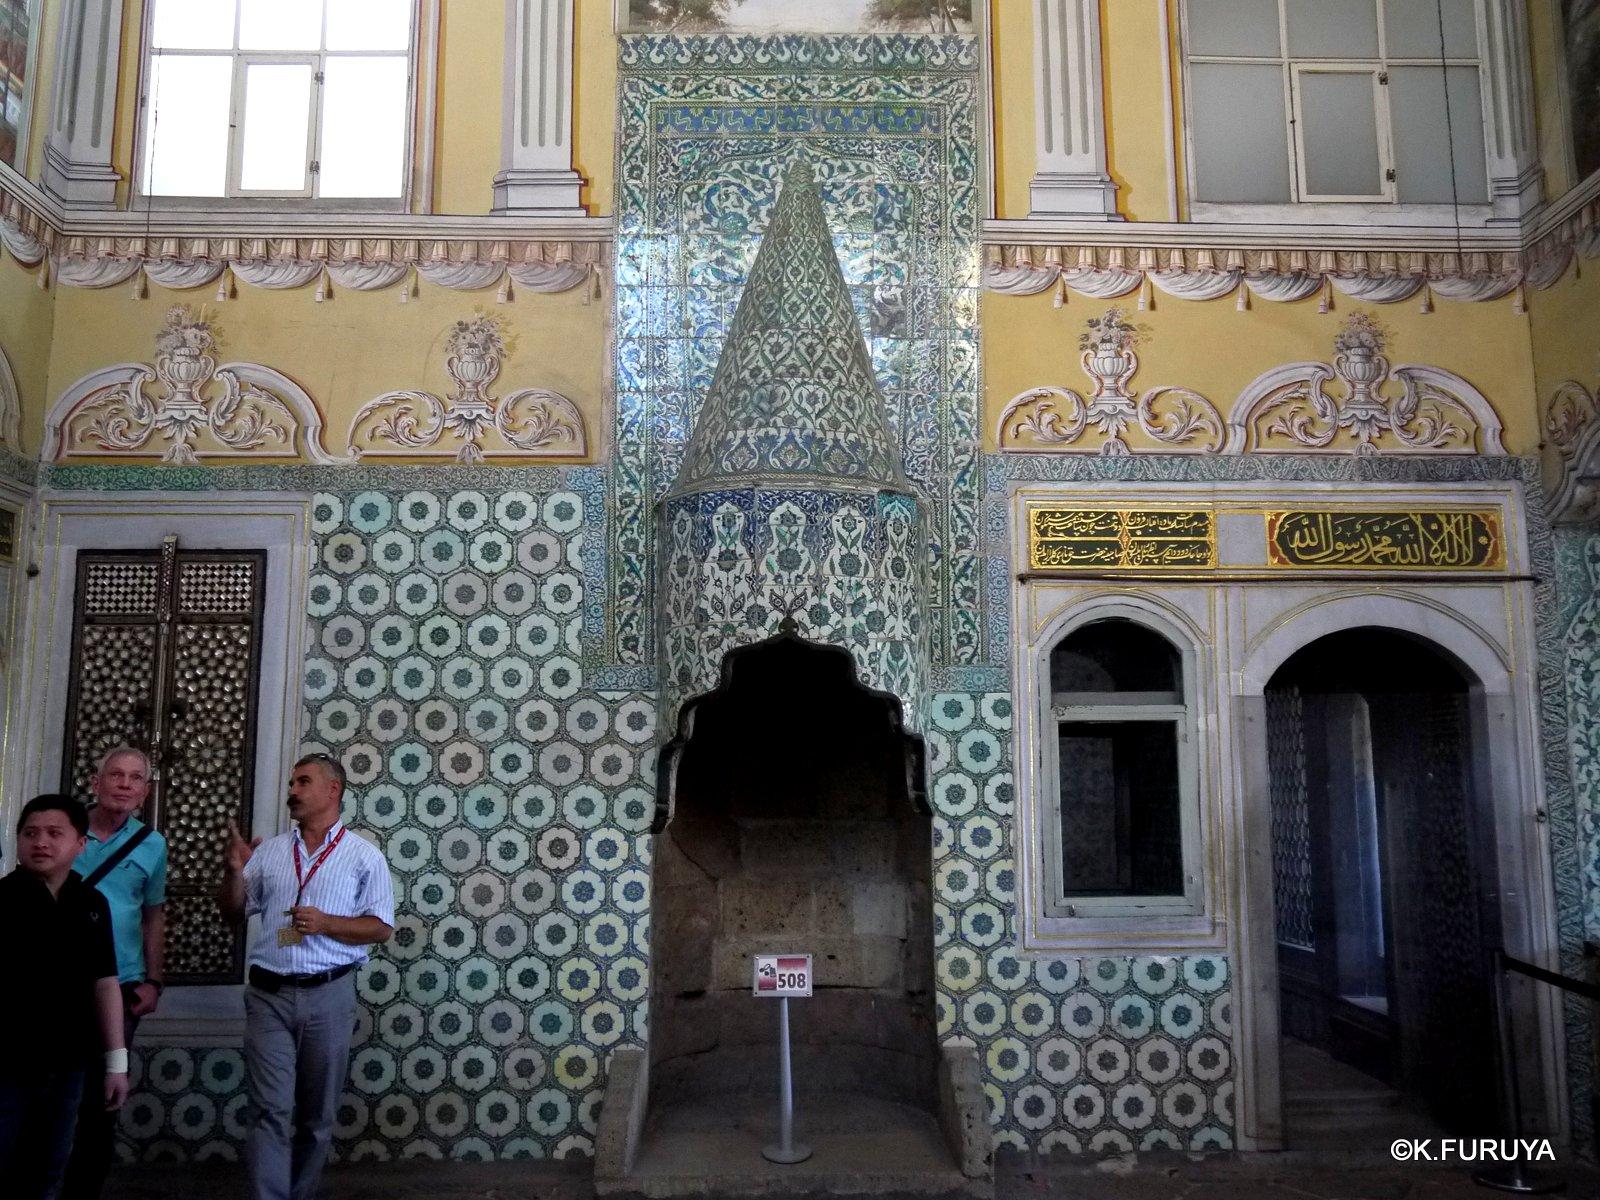 トルコ旅行記 35 トプカピ宮殿Ⅱ ハレム_a0092659_1361538.jpg